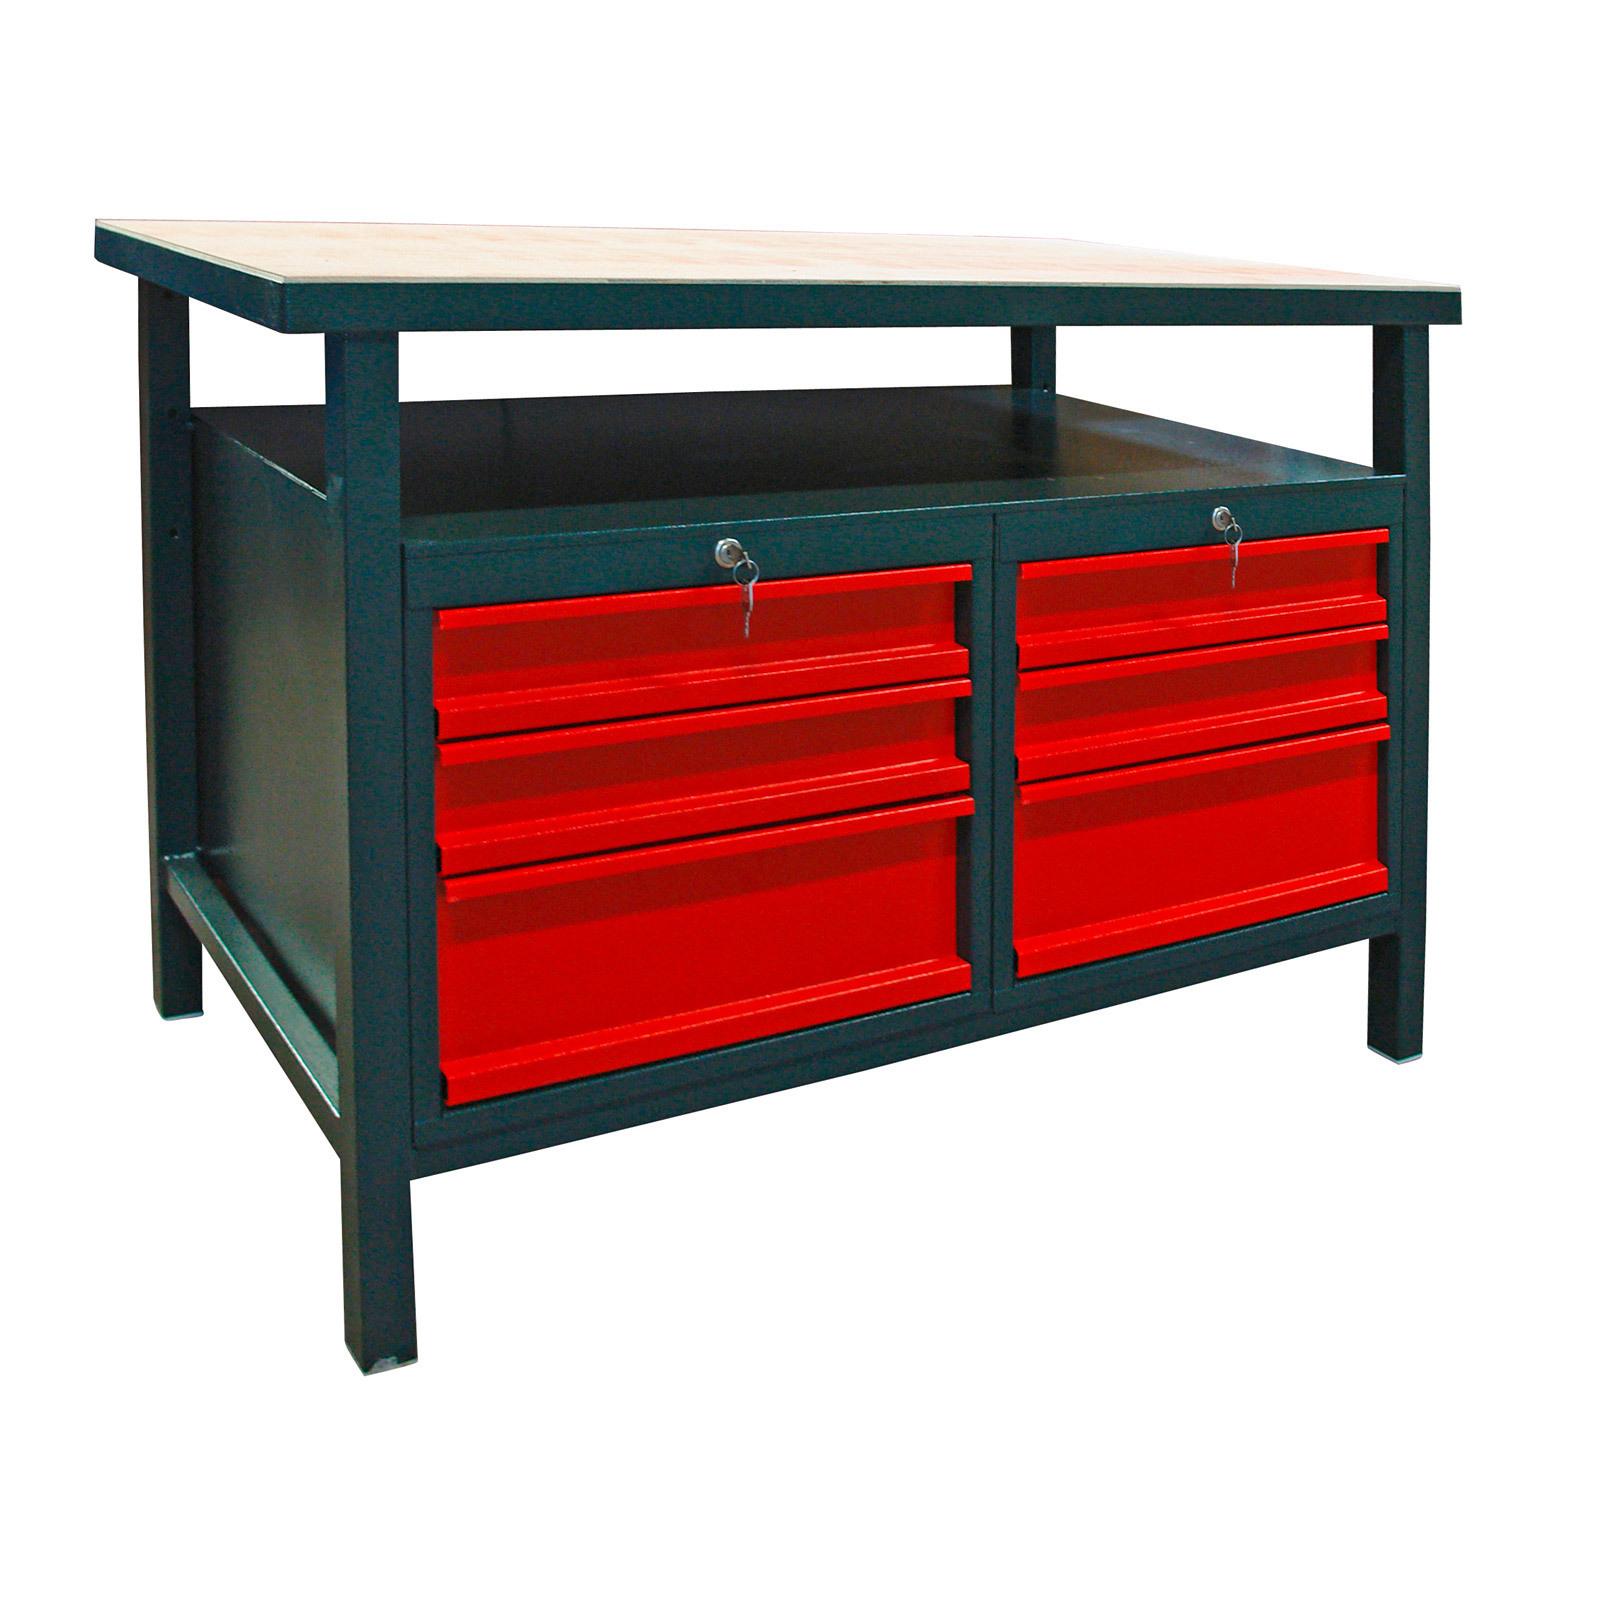 profi werkstatt werkbank werktisch arbeitstisch mit 6 schubladen rot anthrazit ebay. Black Bedroom Furniture Sets. Home Design Ideas